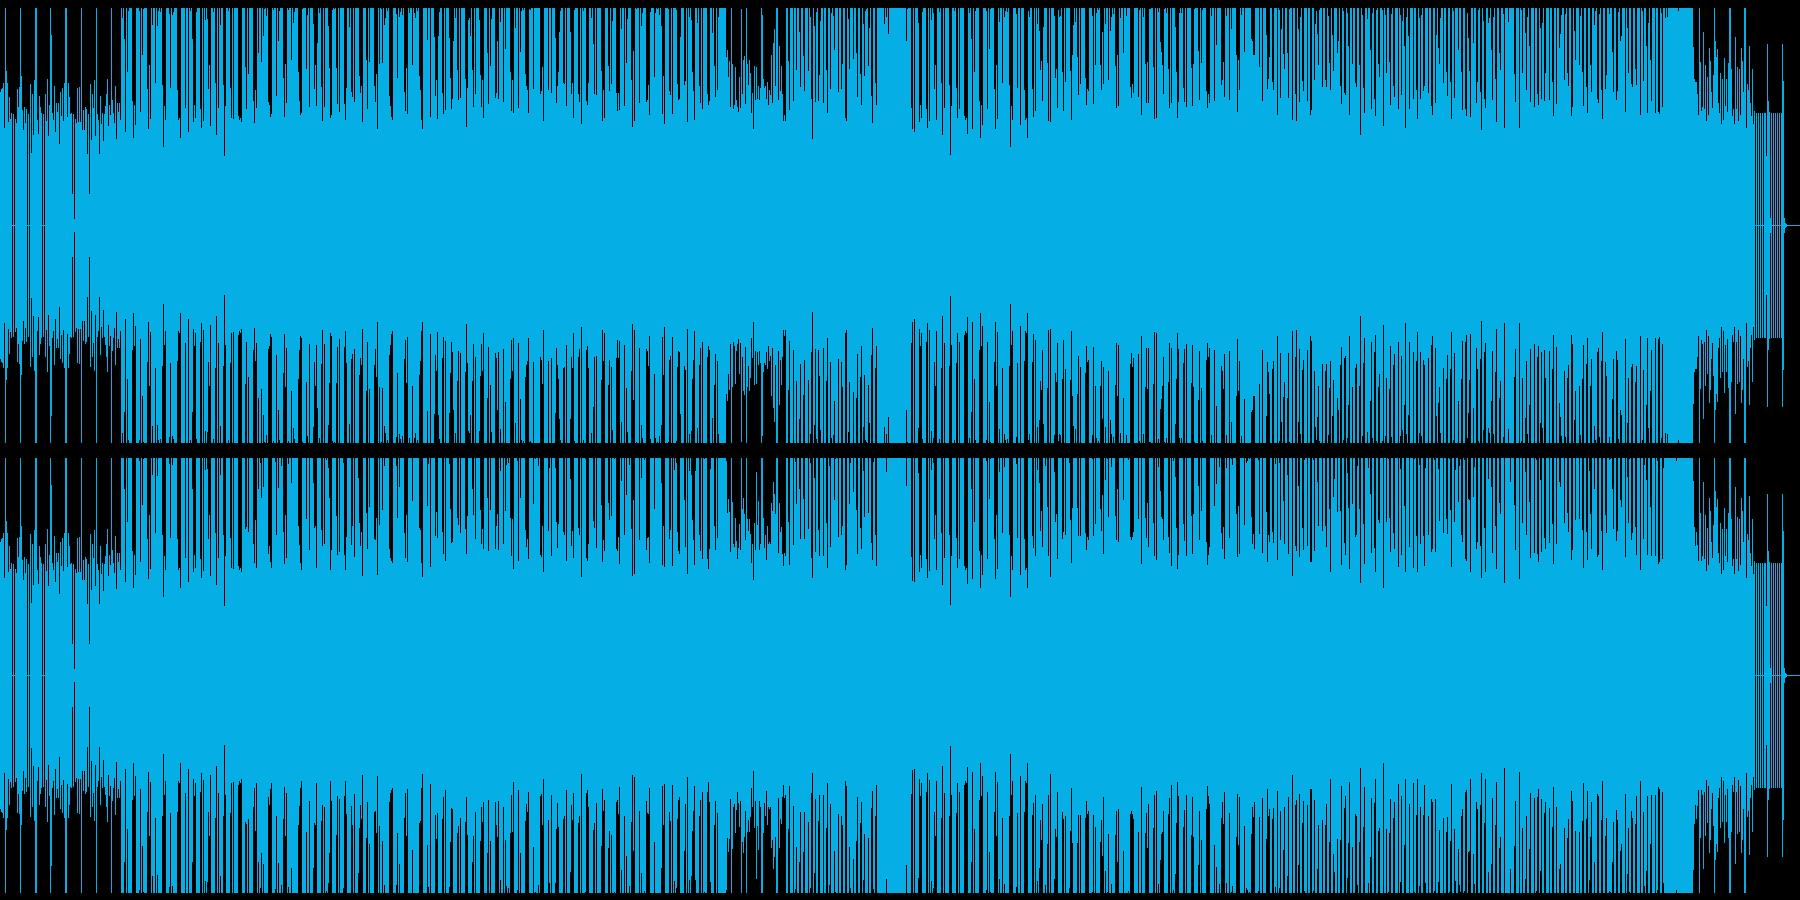 獰猛なイメージのベースミュージックの再生済みの波形